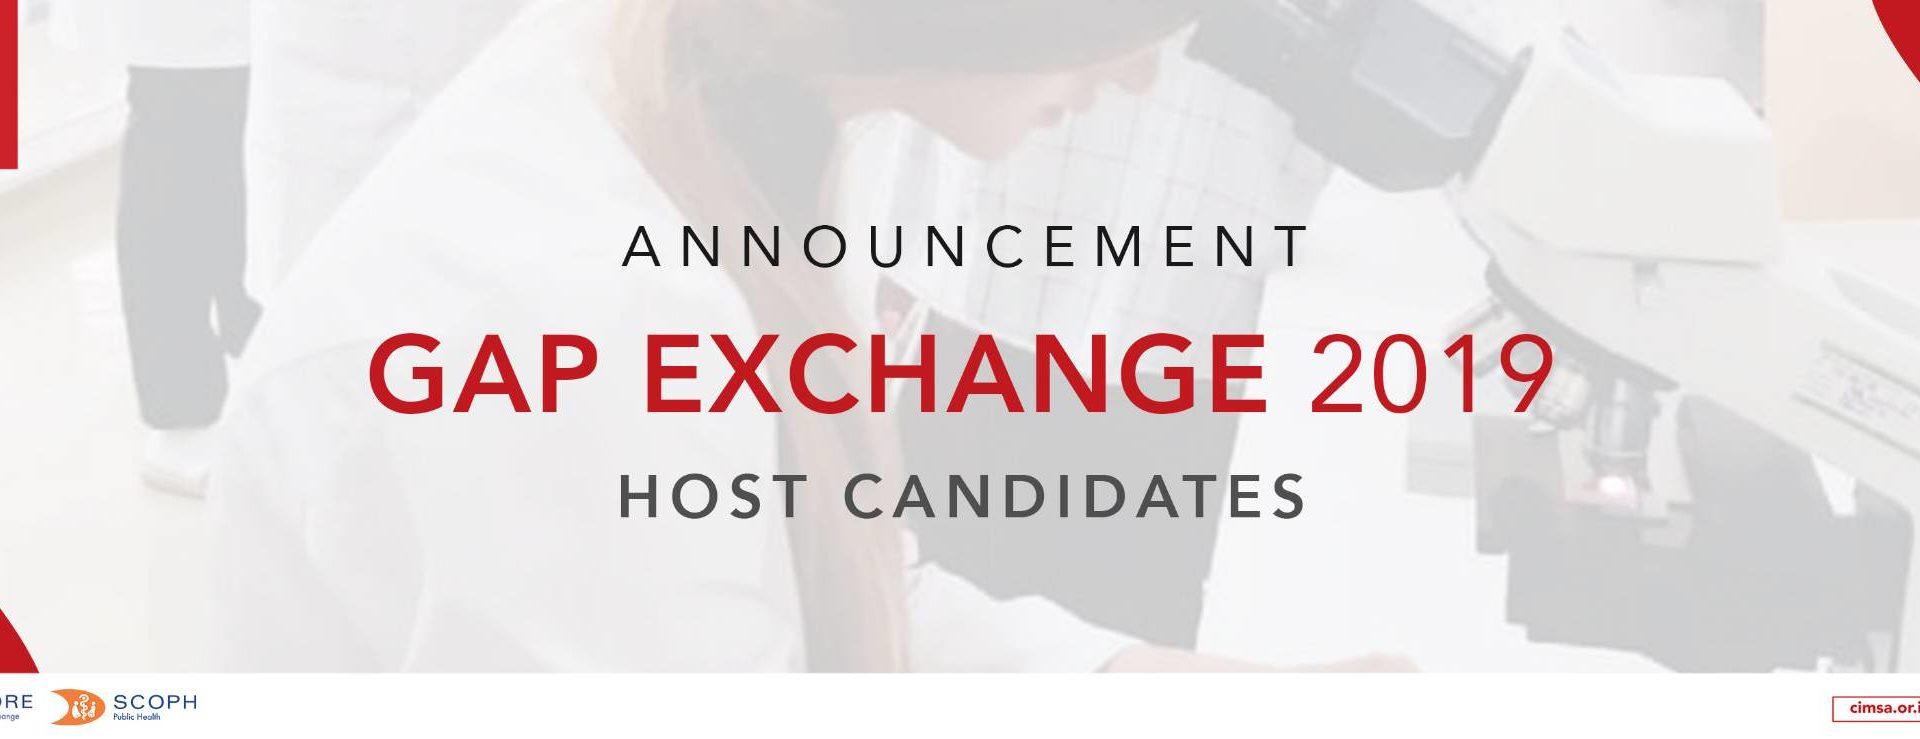 GAP Exchange 2019 Host Candidates